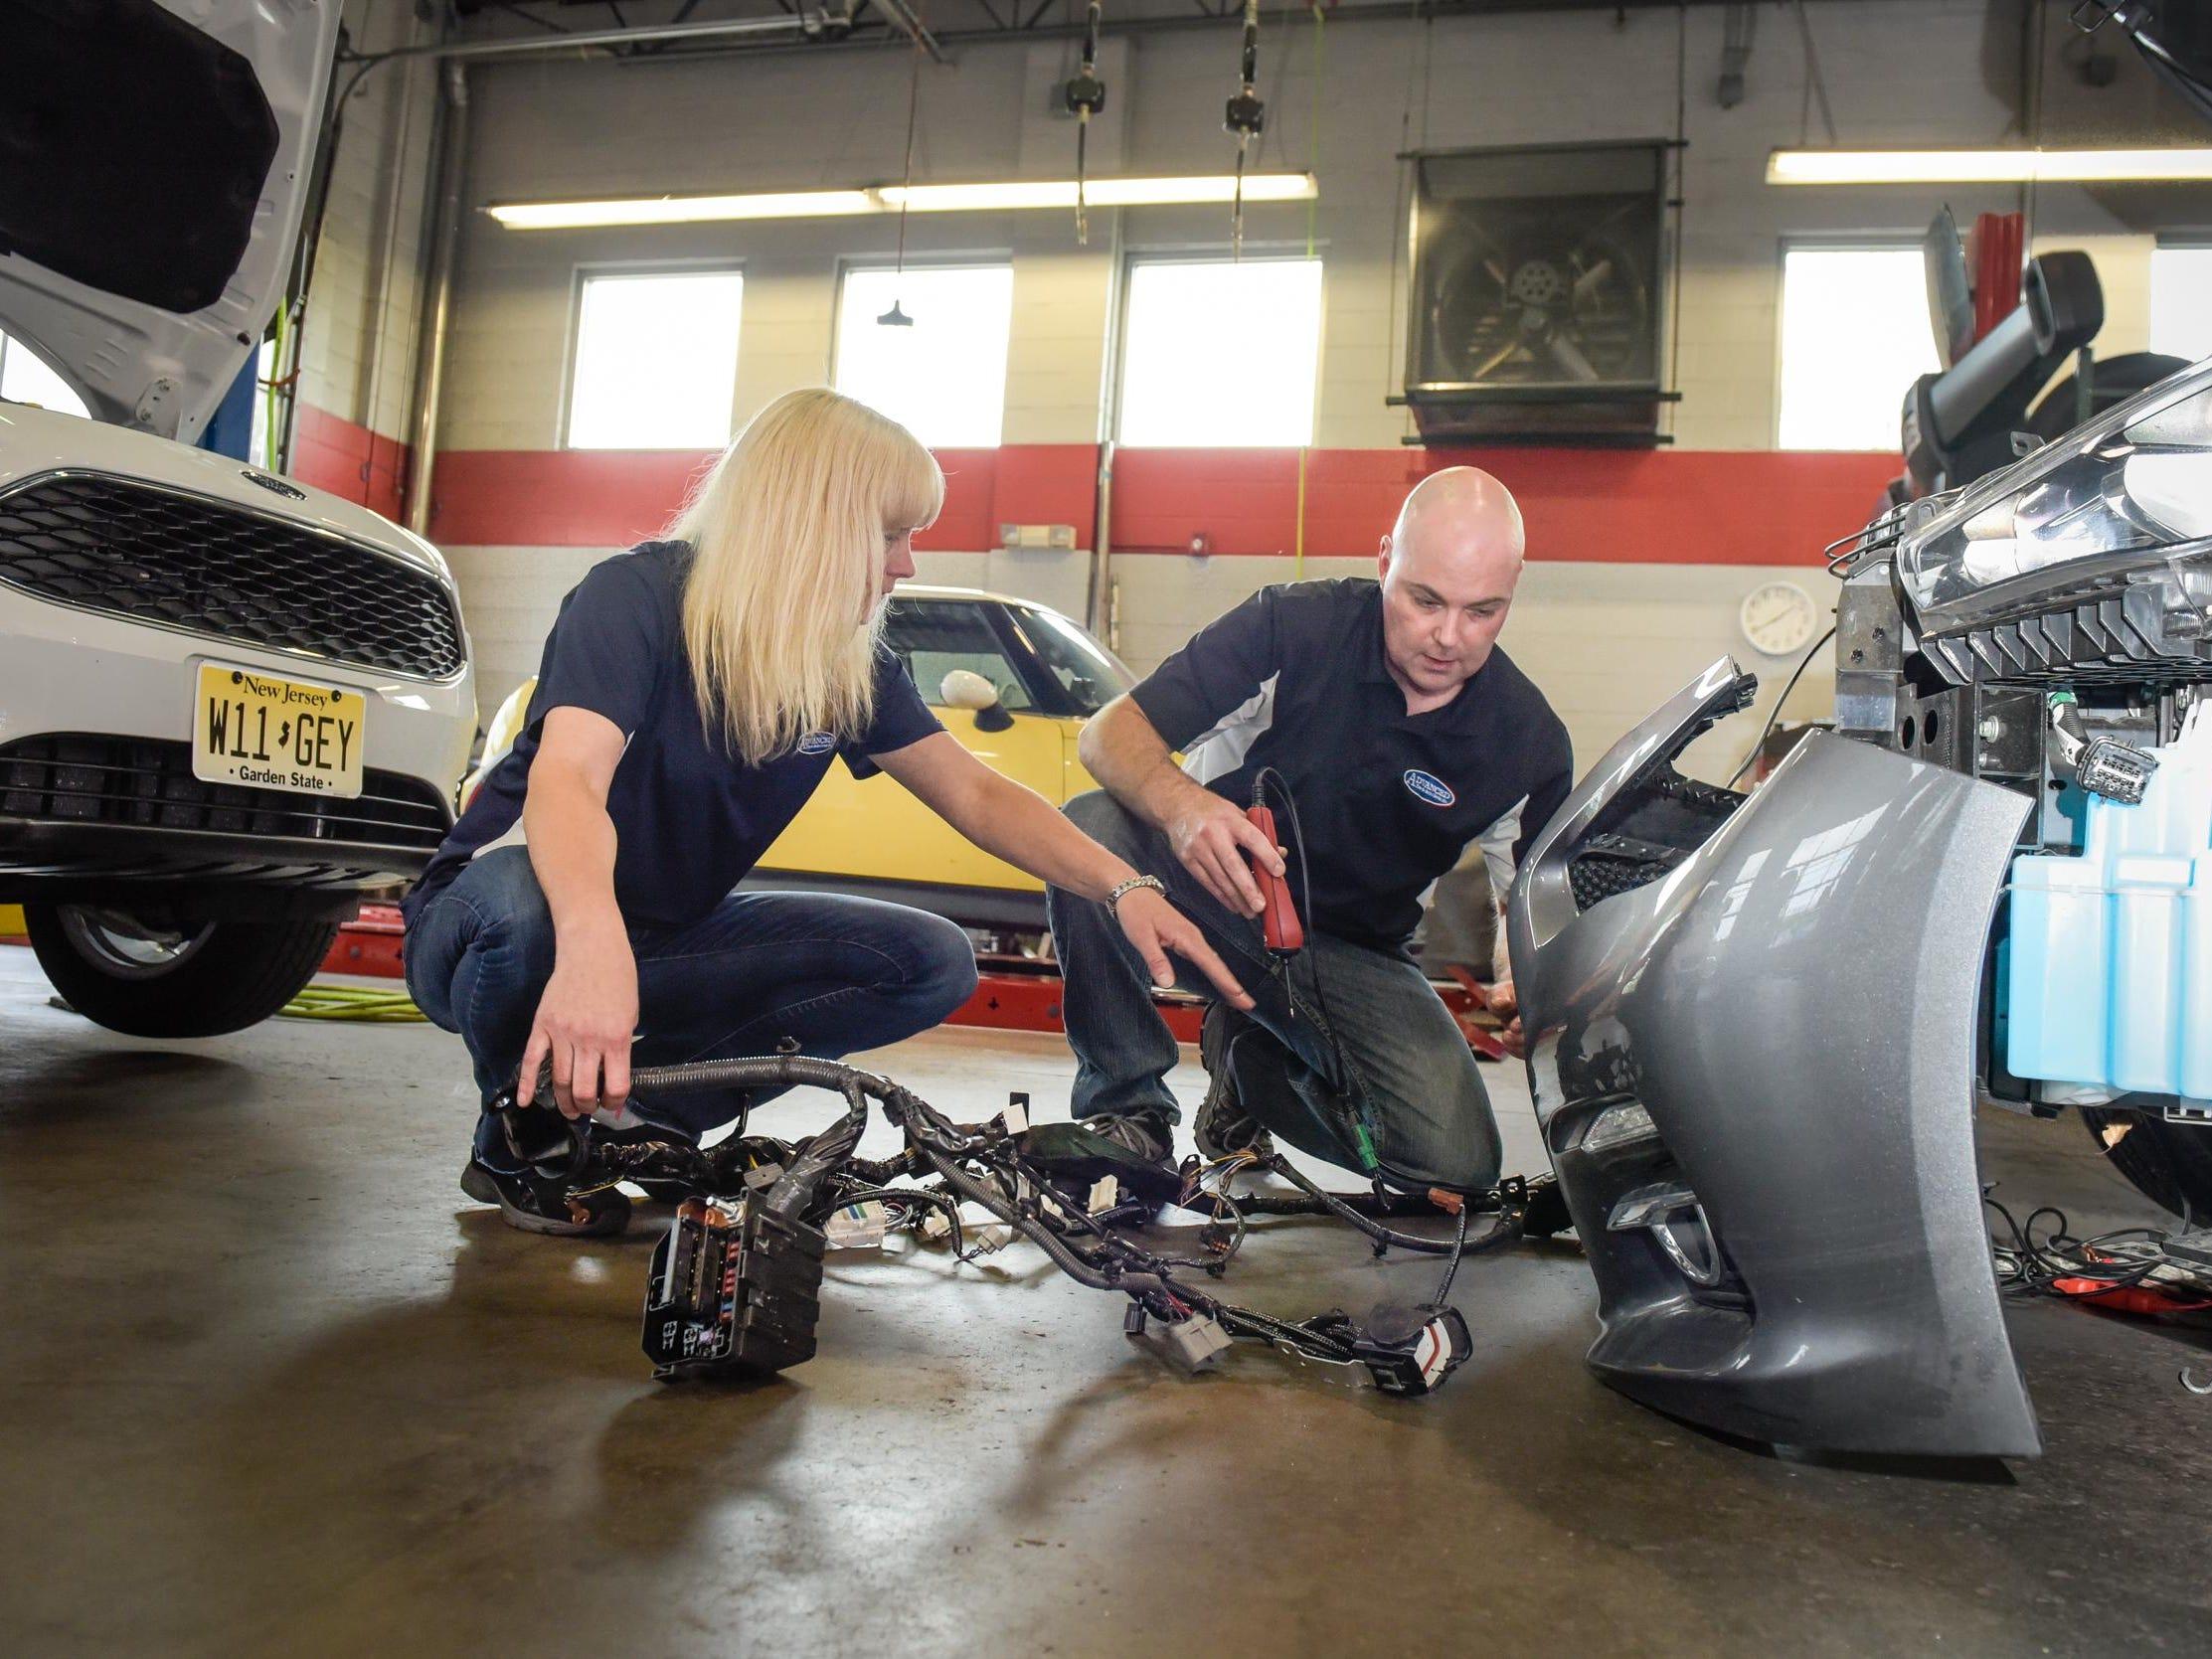 car repair is computer repair at aberdeen shop